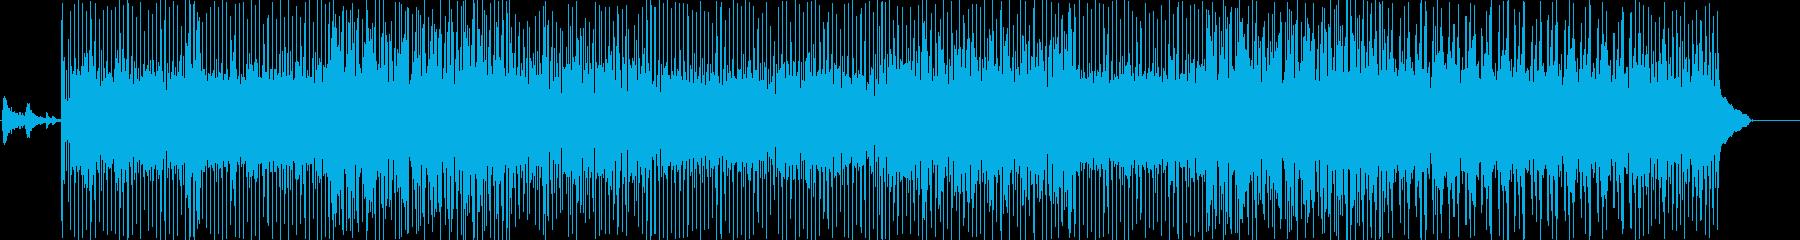 夏のリゾートで流れていそうなピアノ曲の再生済みの波形